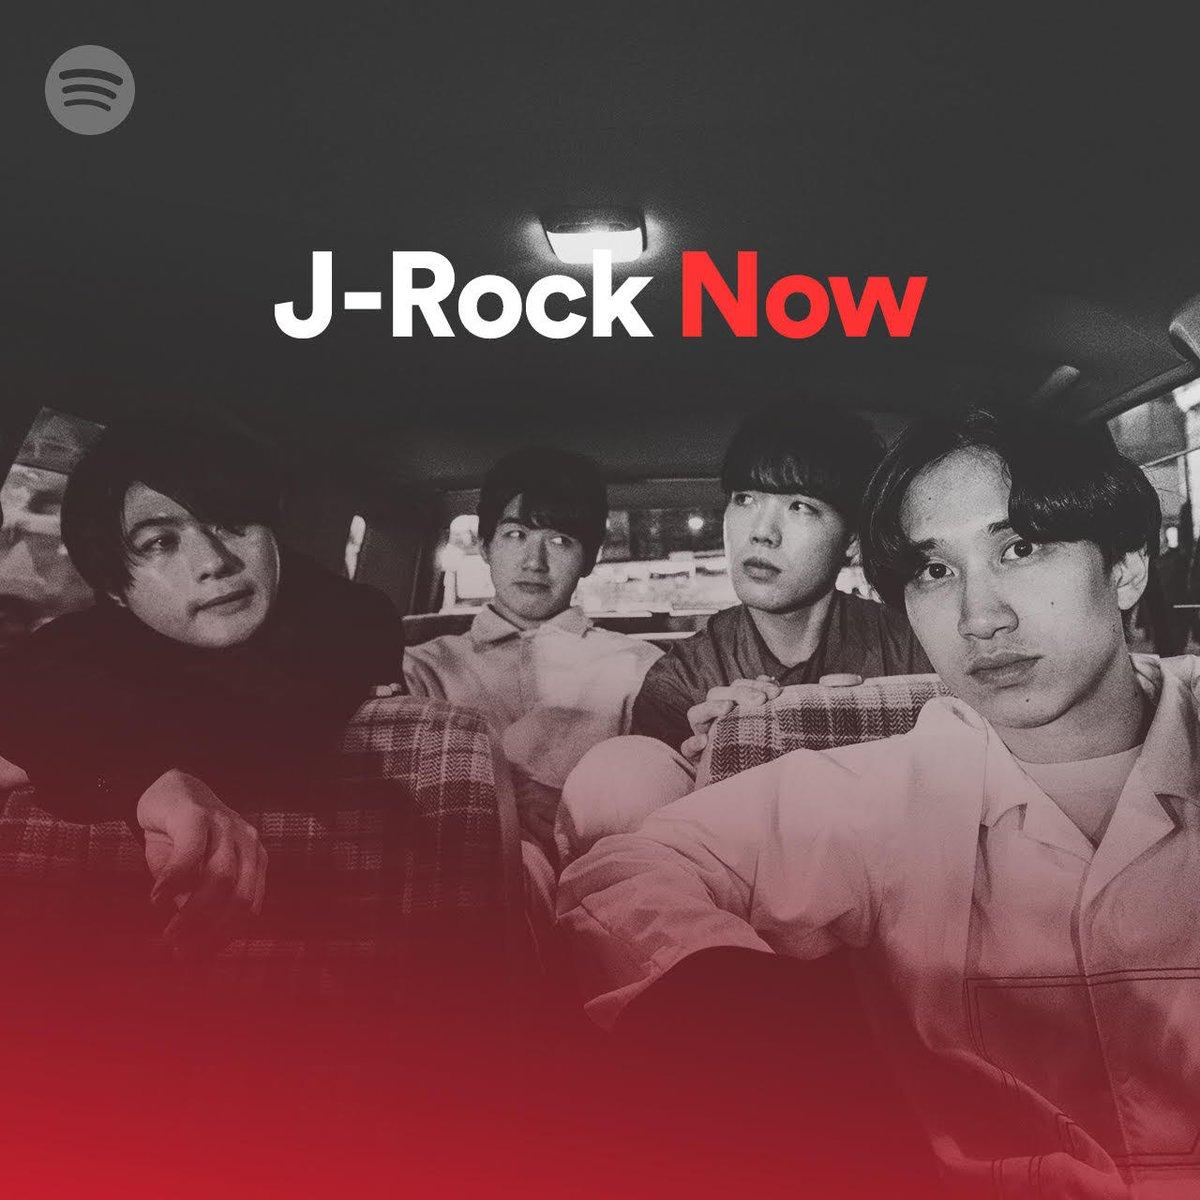 本日よりニューアルバム【hope】の配信がスタート🌈✨@Spotifyjp のプレイリスト「J-Rock Now」ではマカロニえんぴつがカバーで起用されていますので、是非チェックしてみてください🎵